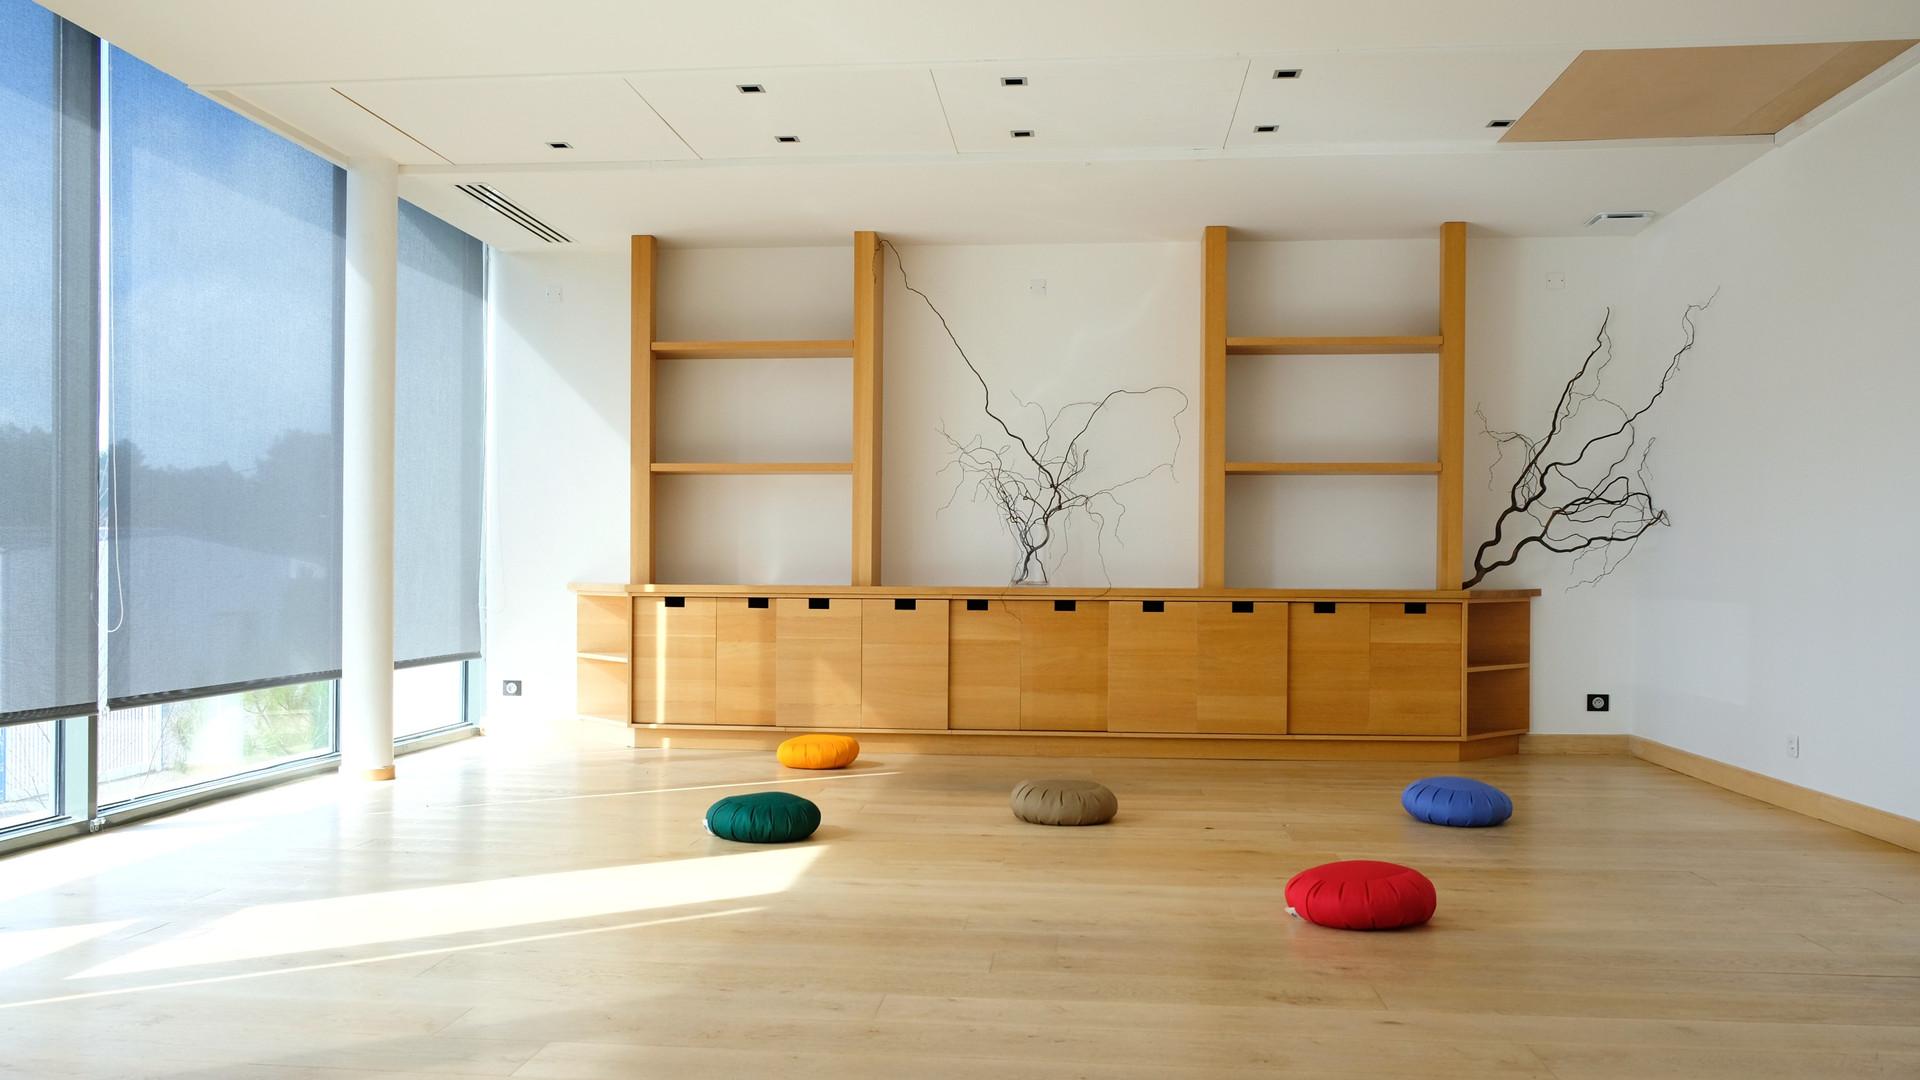 Notre salle de méditation